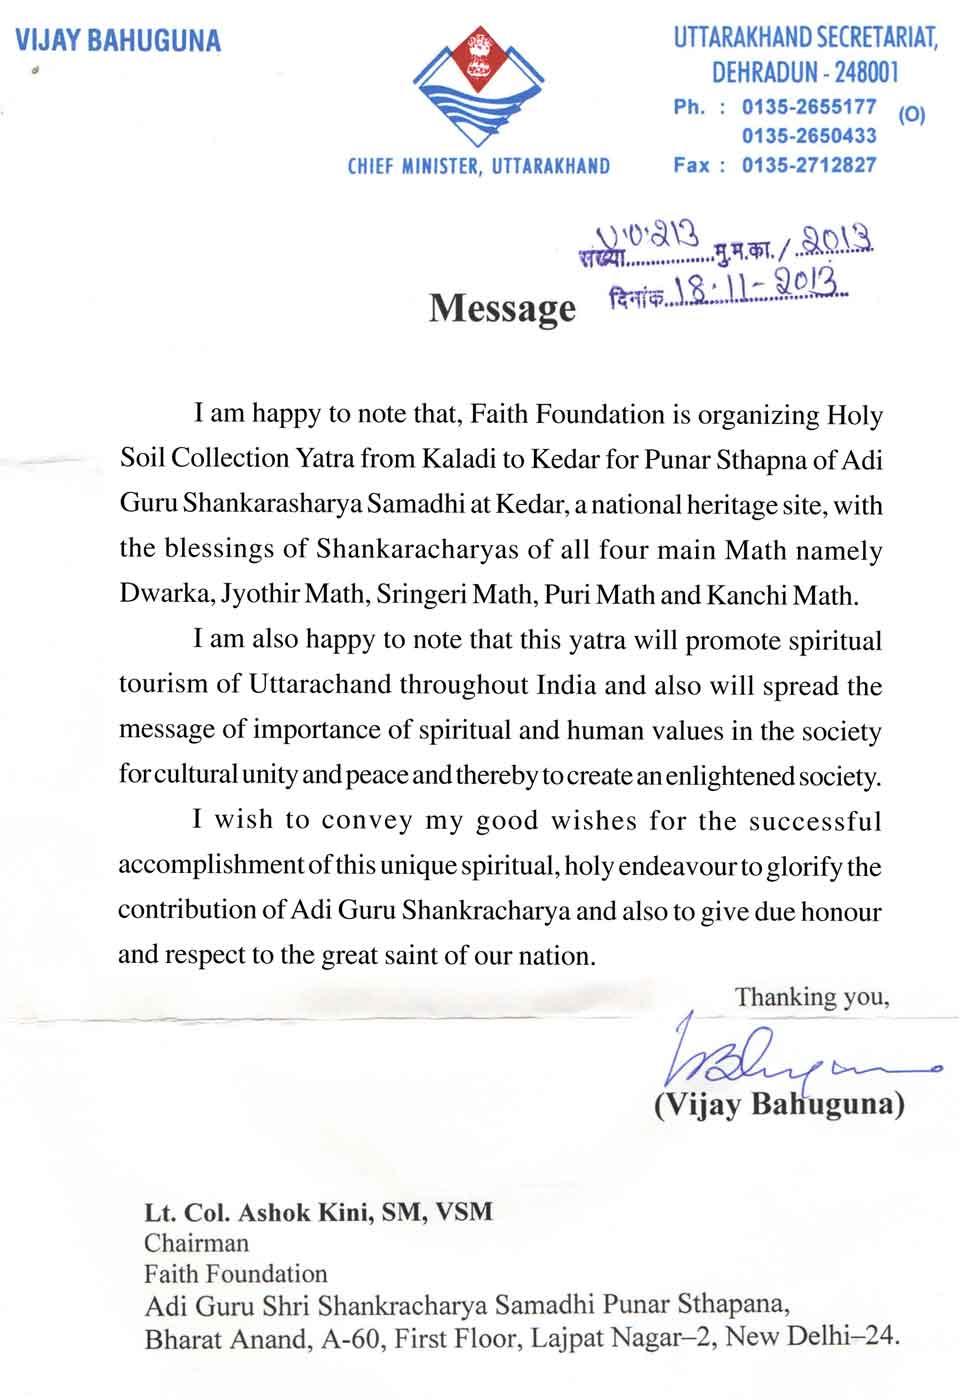 Message-from-CM-Uttarakhand